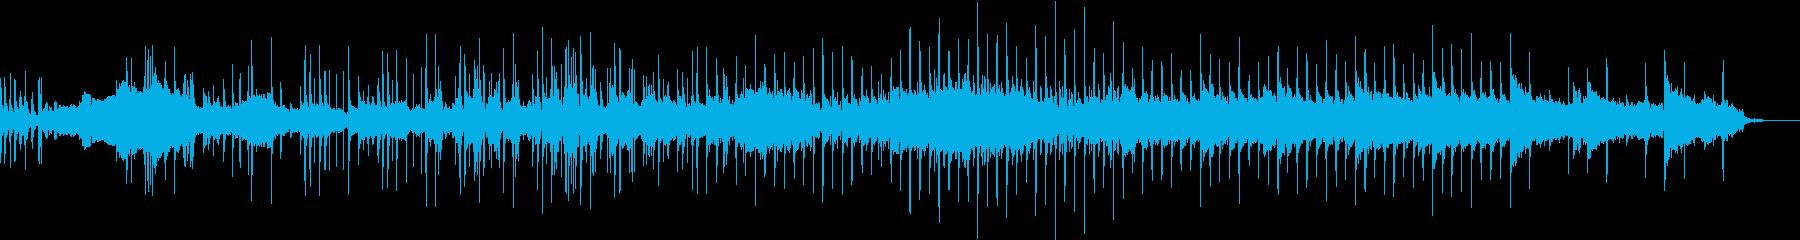 琴の音色が印象的な日本風BGMの再生済みの波形